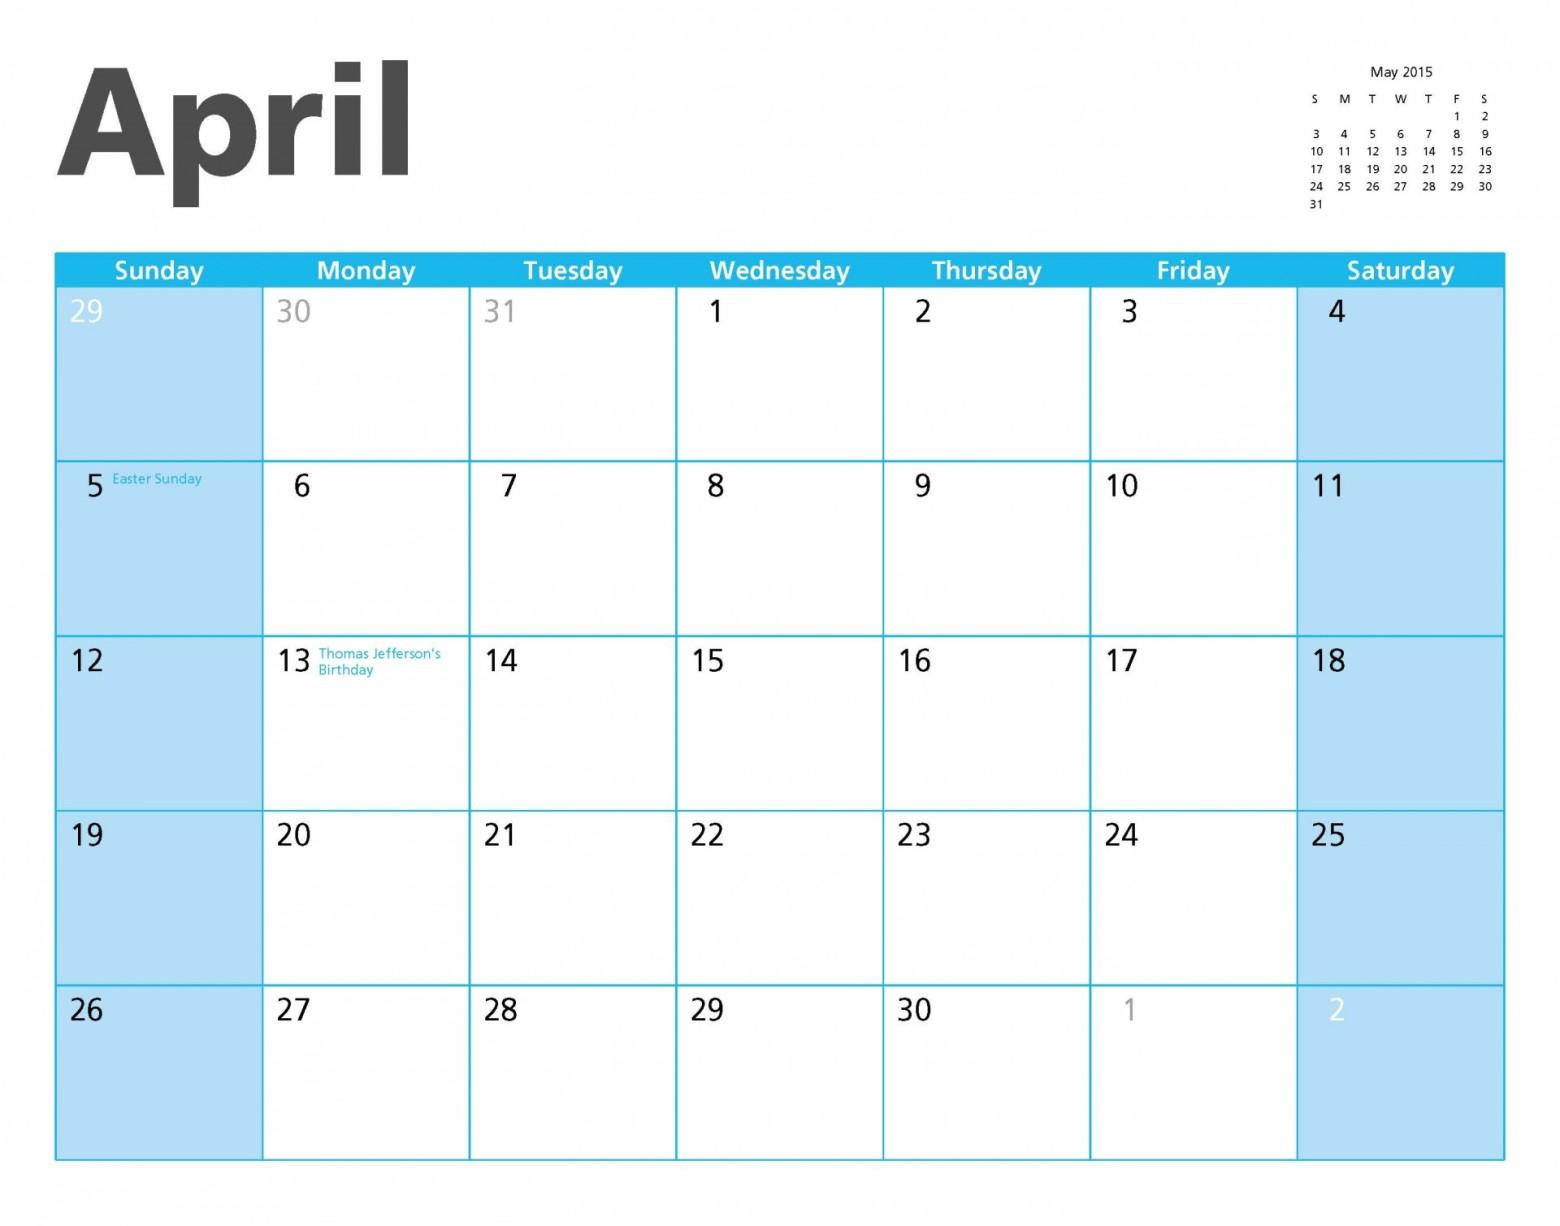 Calendrier avril 2015 images gratuites et libres de droits - Calendrier lunaire rustica avril 2017 ...